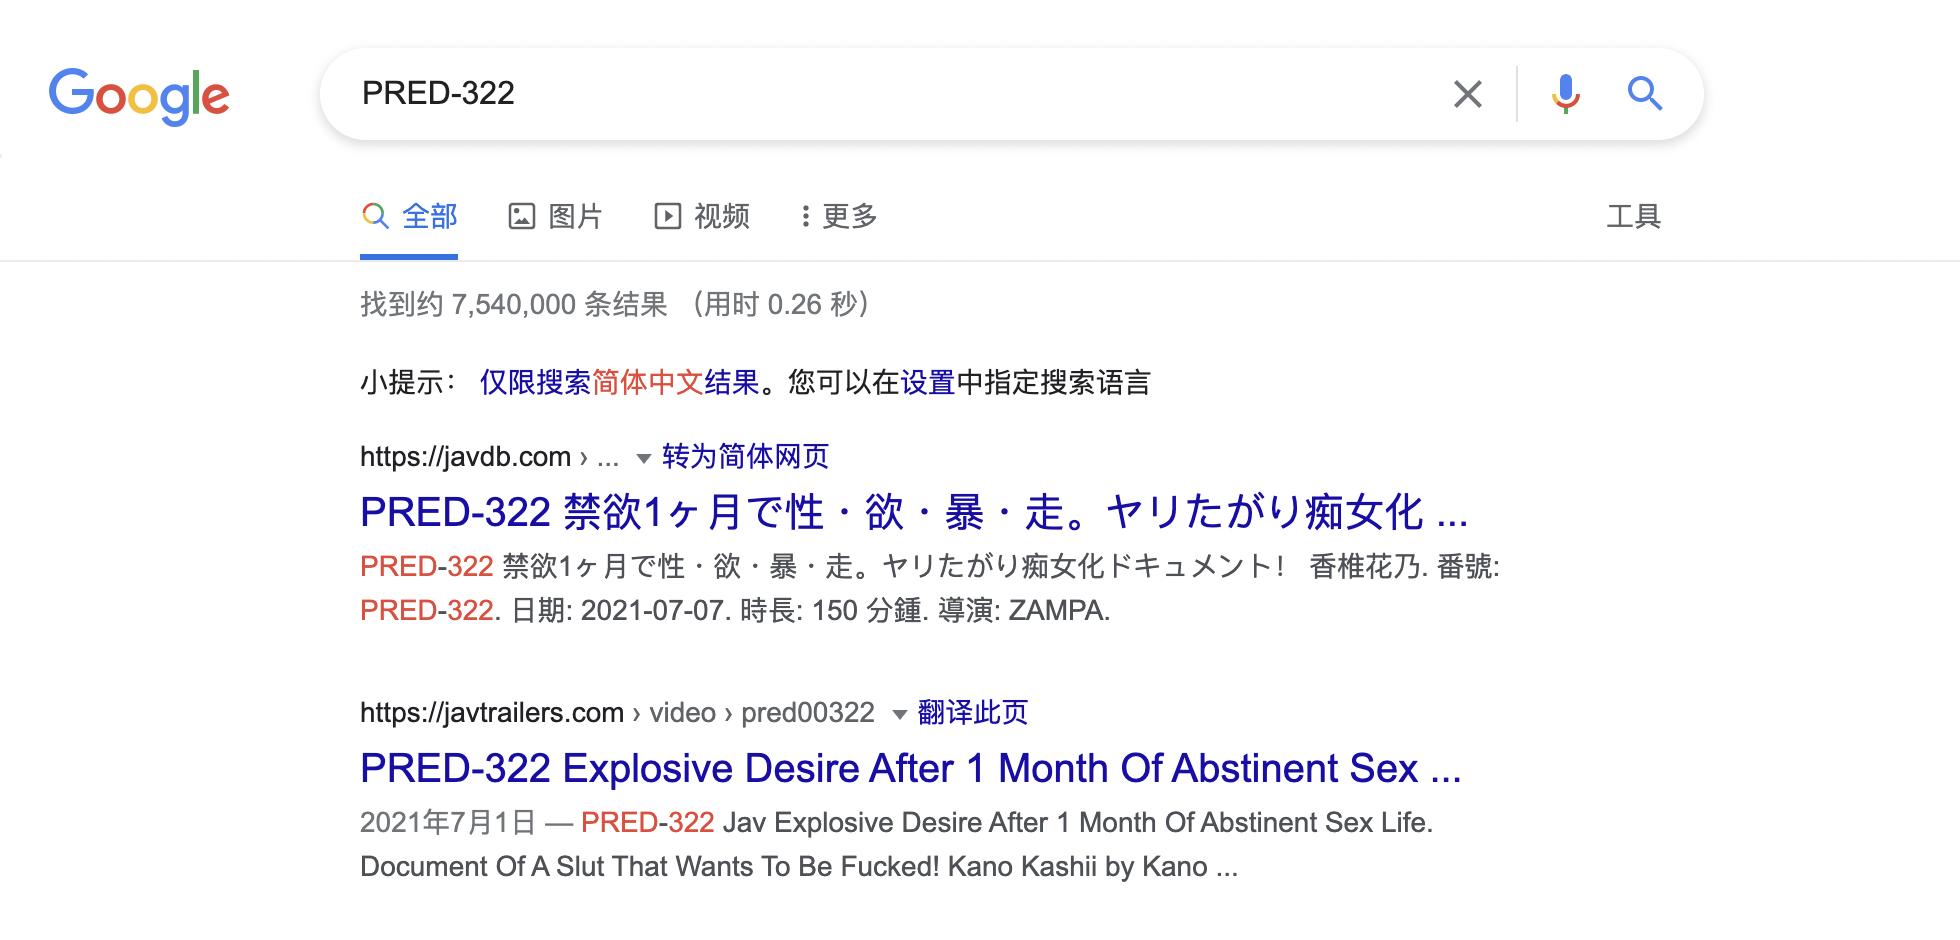 关闭安全搜索 - 切换语言偏好 - 然后搜索一遍后再切换回中文(简体)